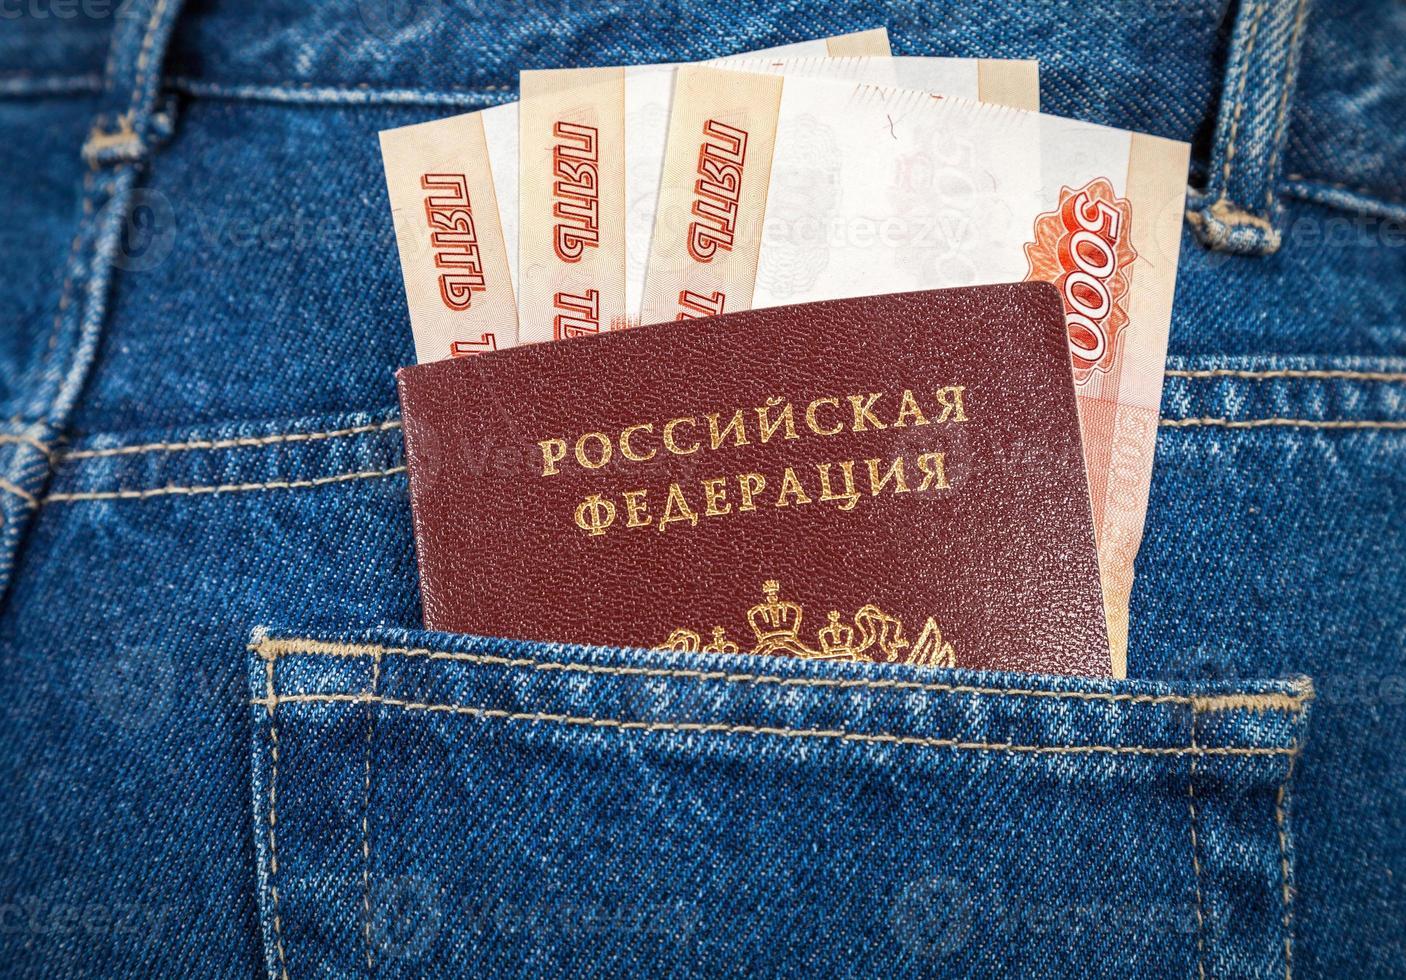 billetes de rublo ruso y pasaporte en el bolsillo trasero de los jeans foto